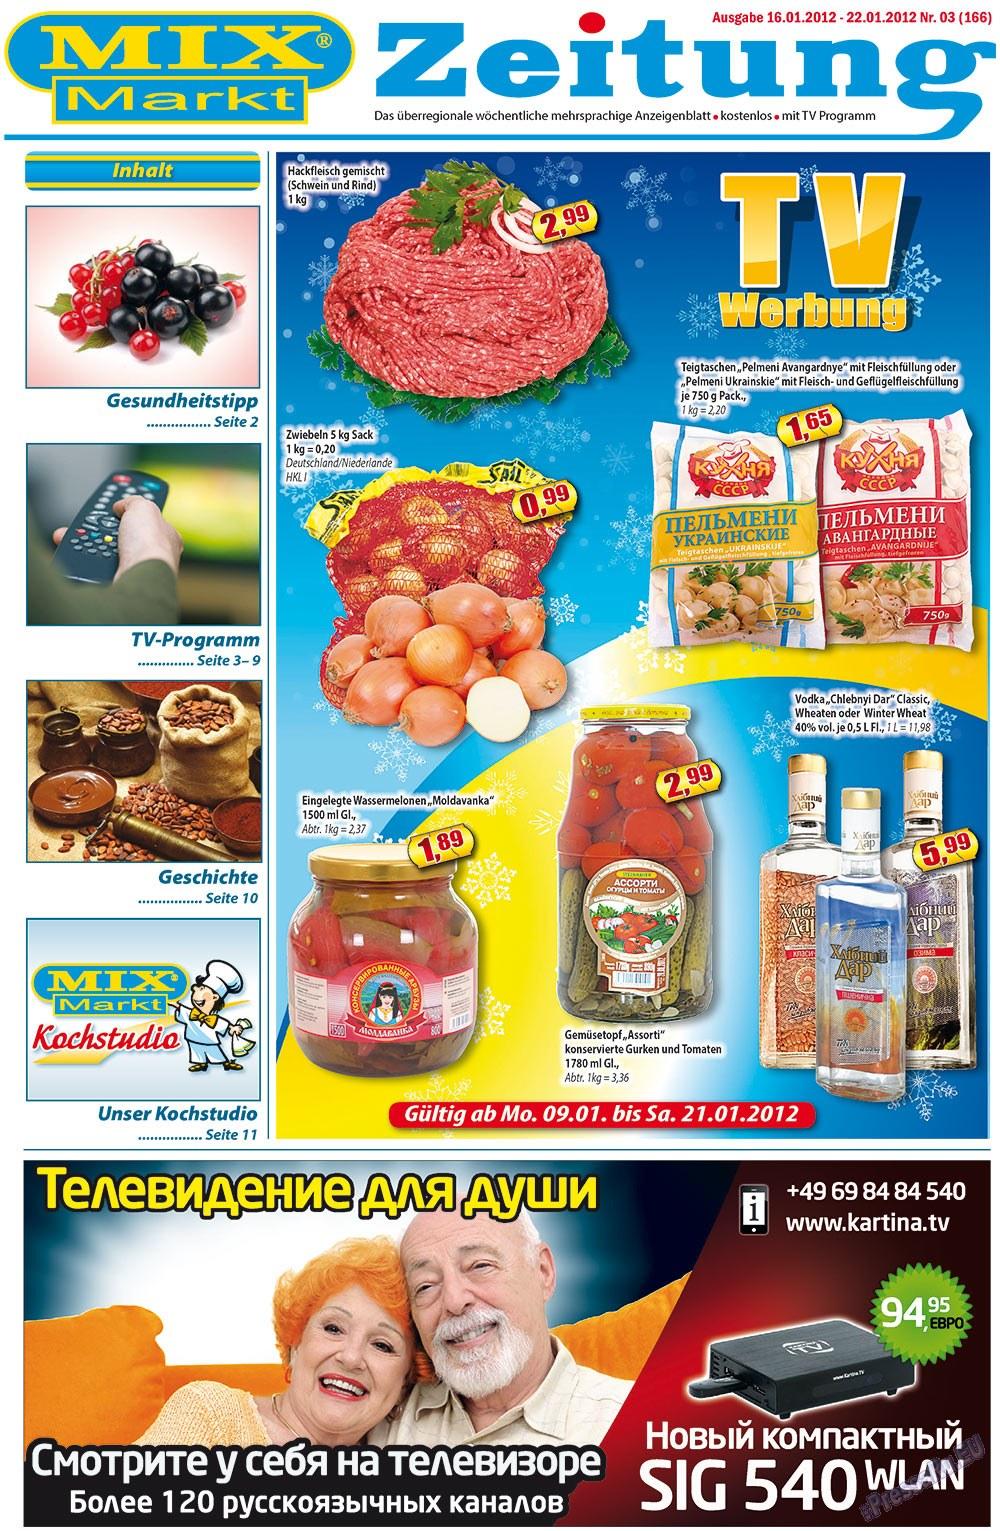 MIX-Markt Zeitung (газета). 2012 год, номер 3, стр. 1